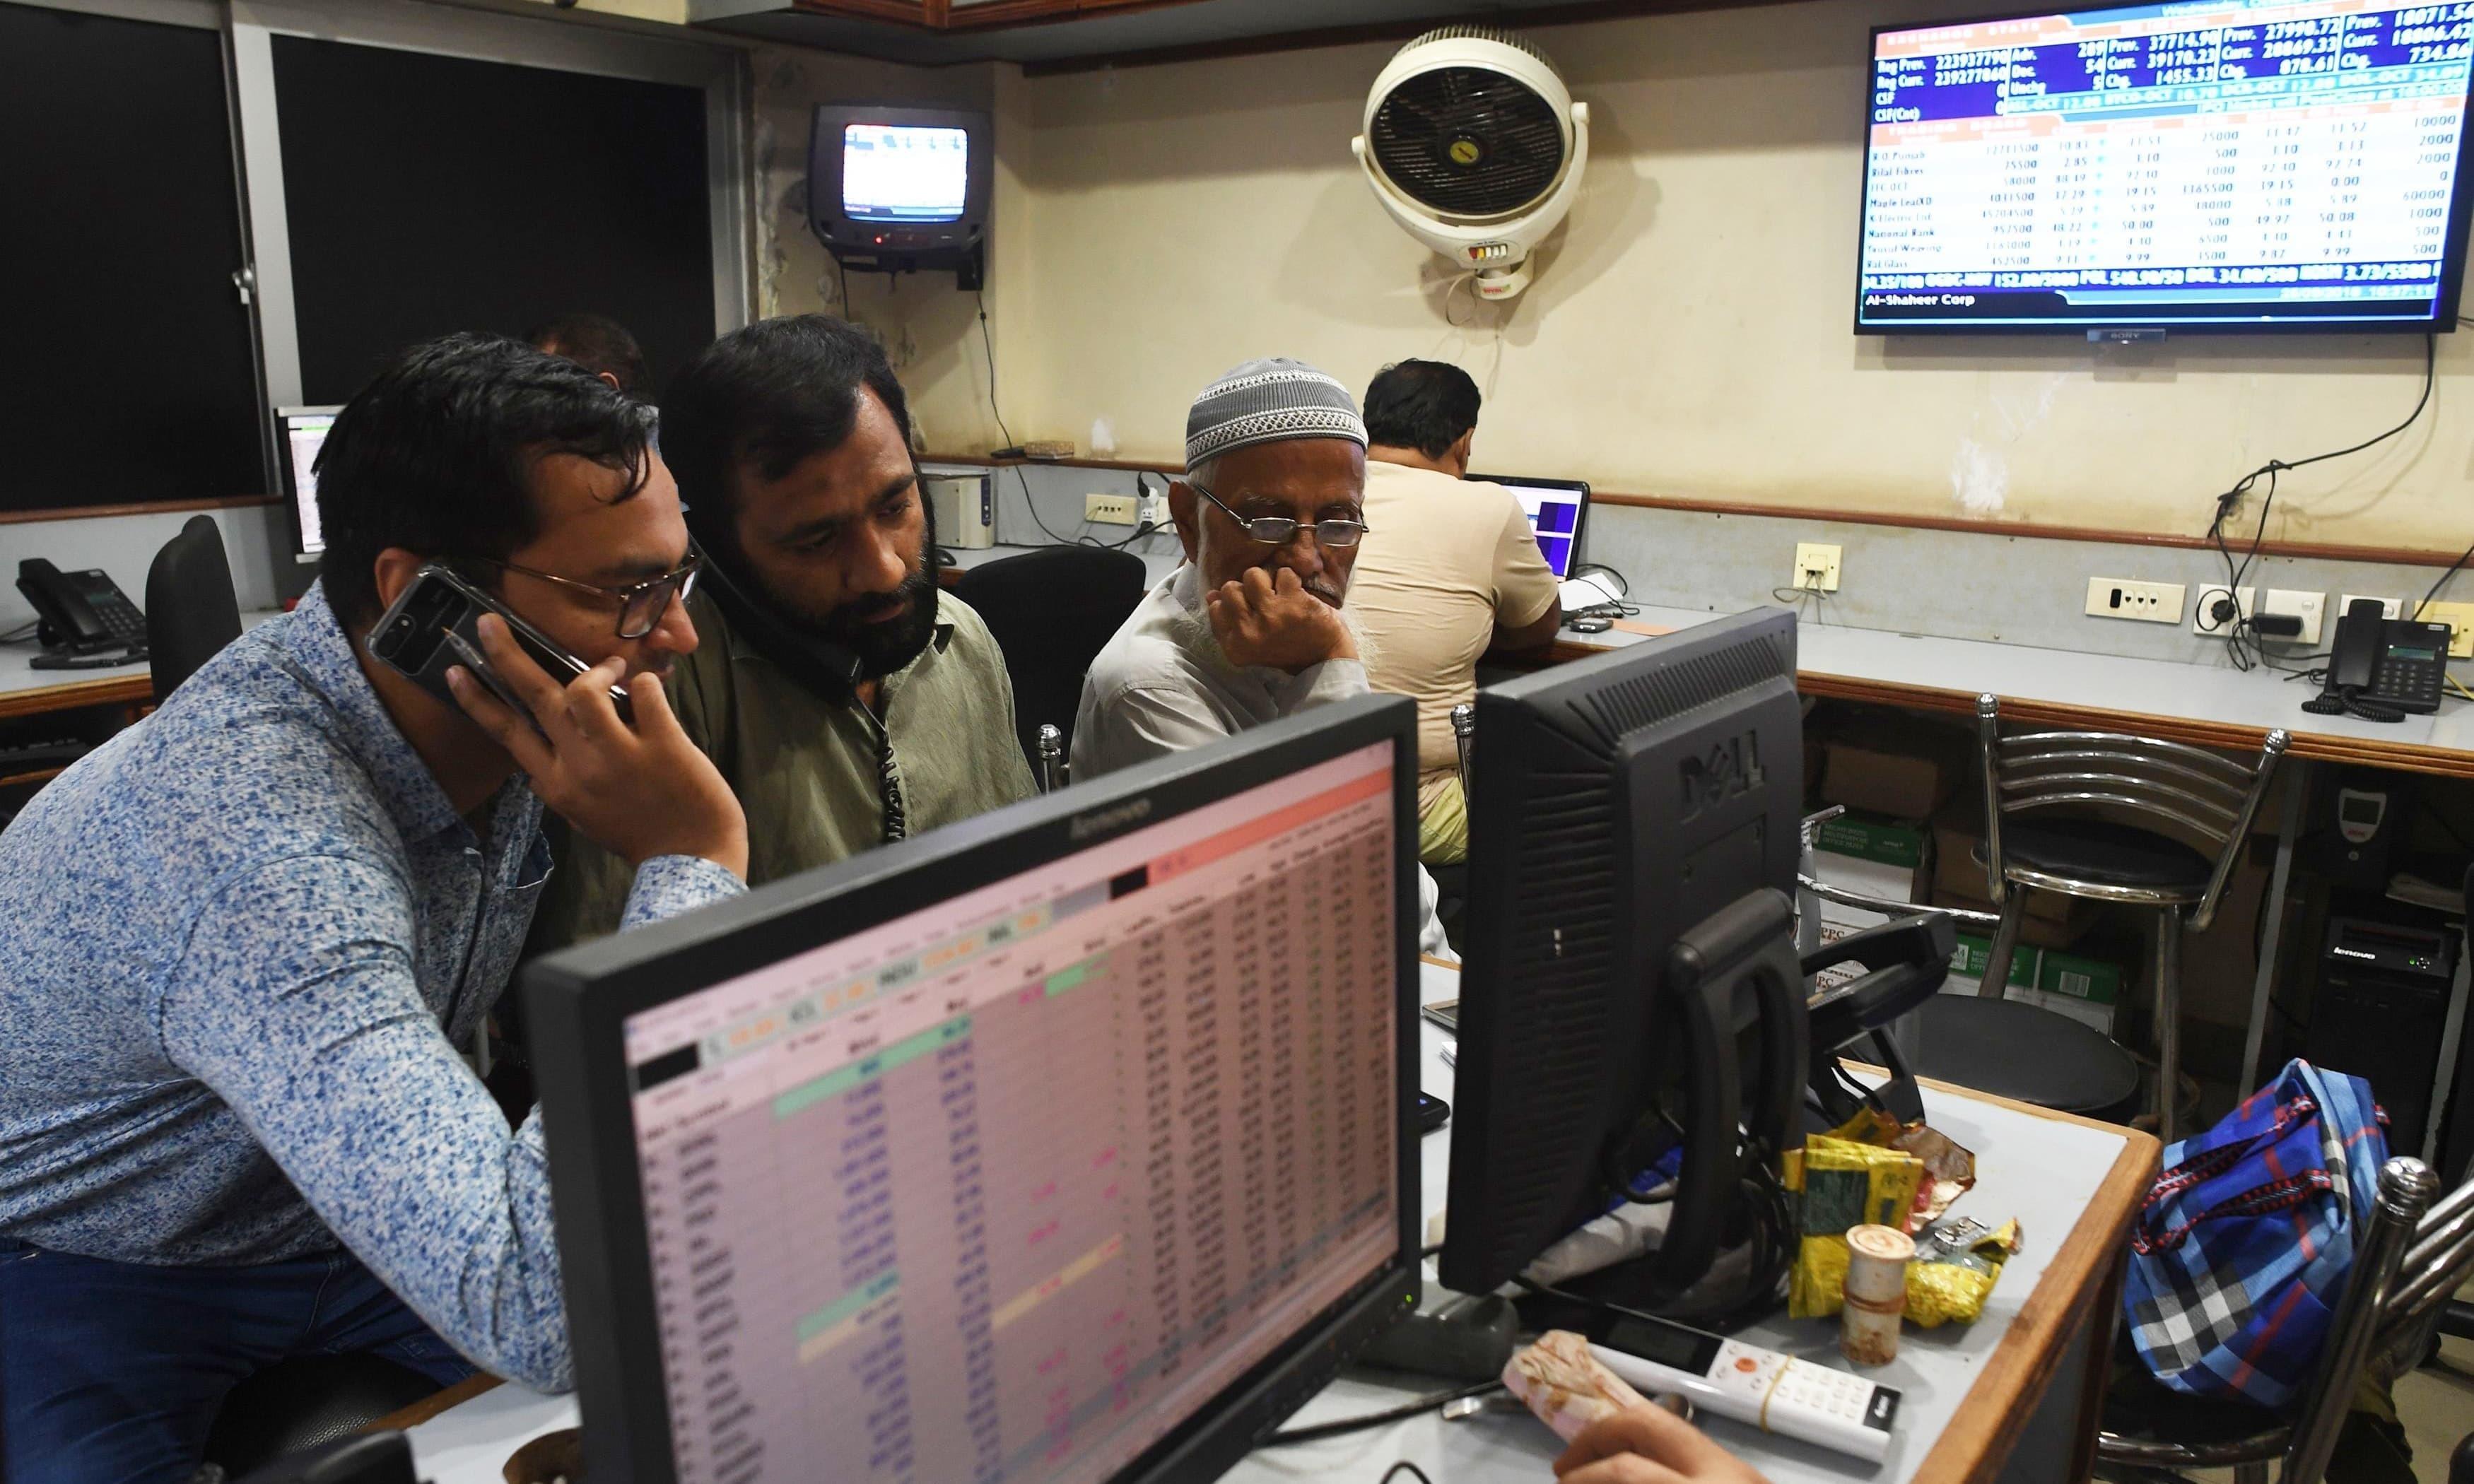 دہشت گردوں کے حملے کے باوجود اسٹاک مارکیٹ میں 242 پوائنٹس کا اضافہ